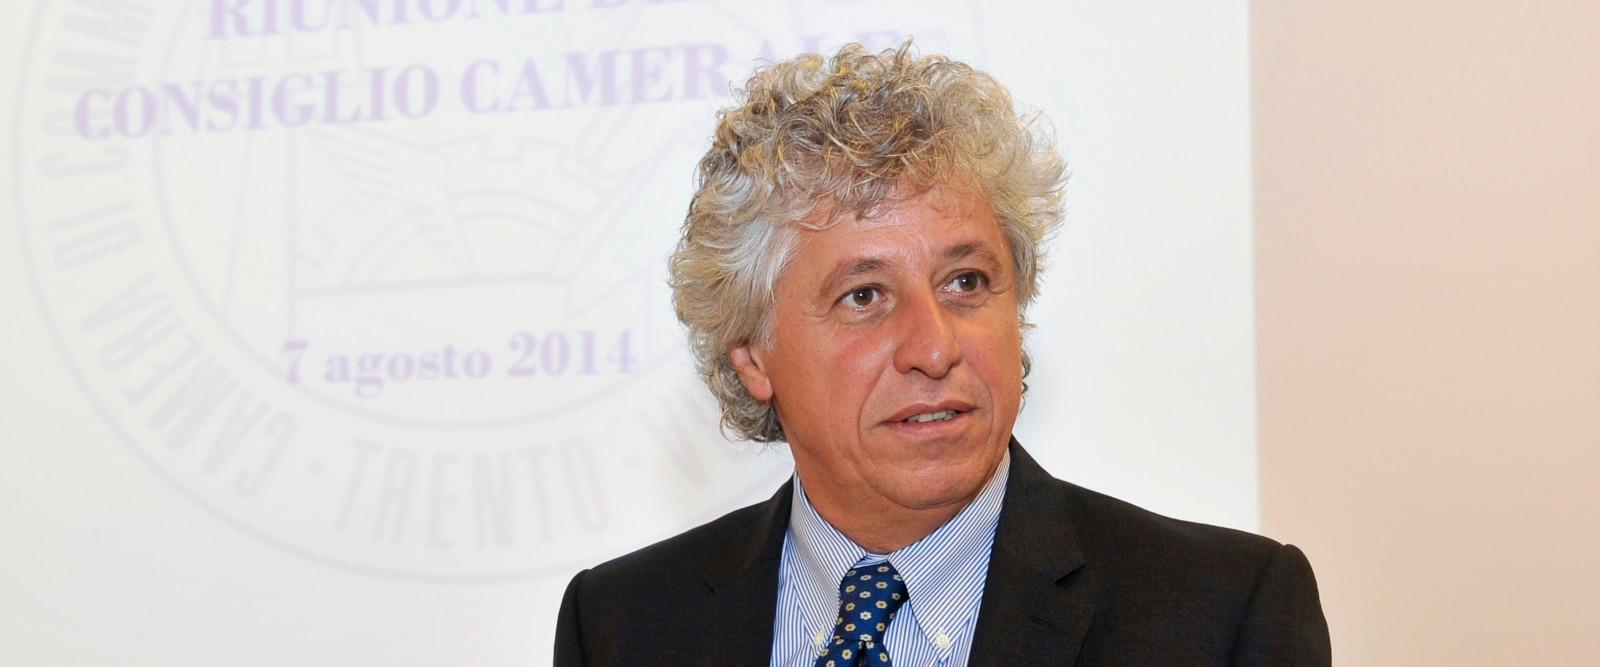 Photo of Conosciamo Mauro Leveghi, nuovo presidente del Trento Film Festival